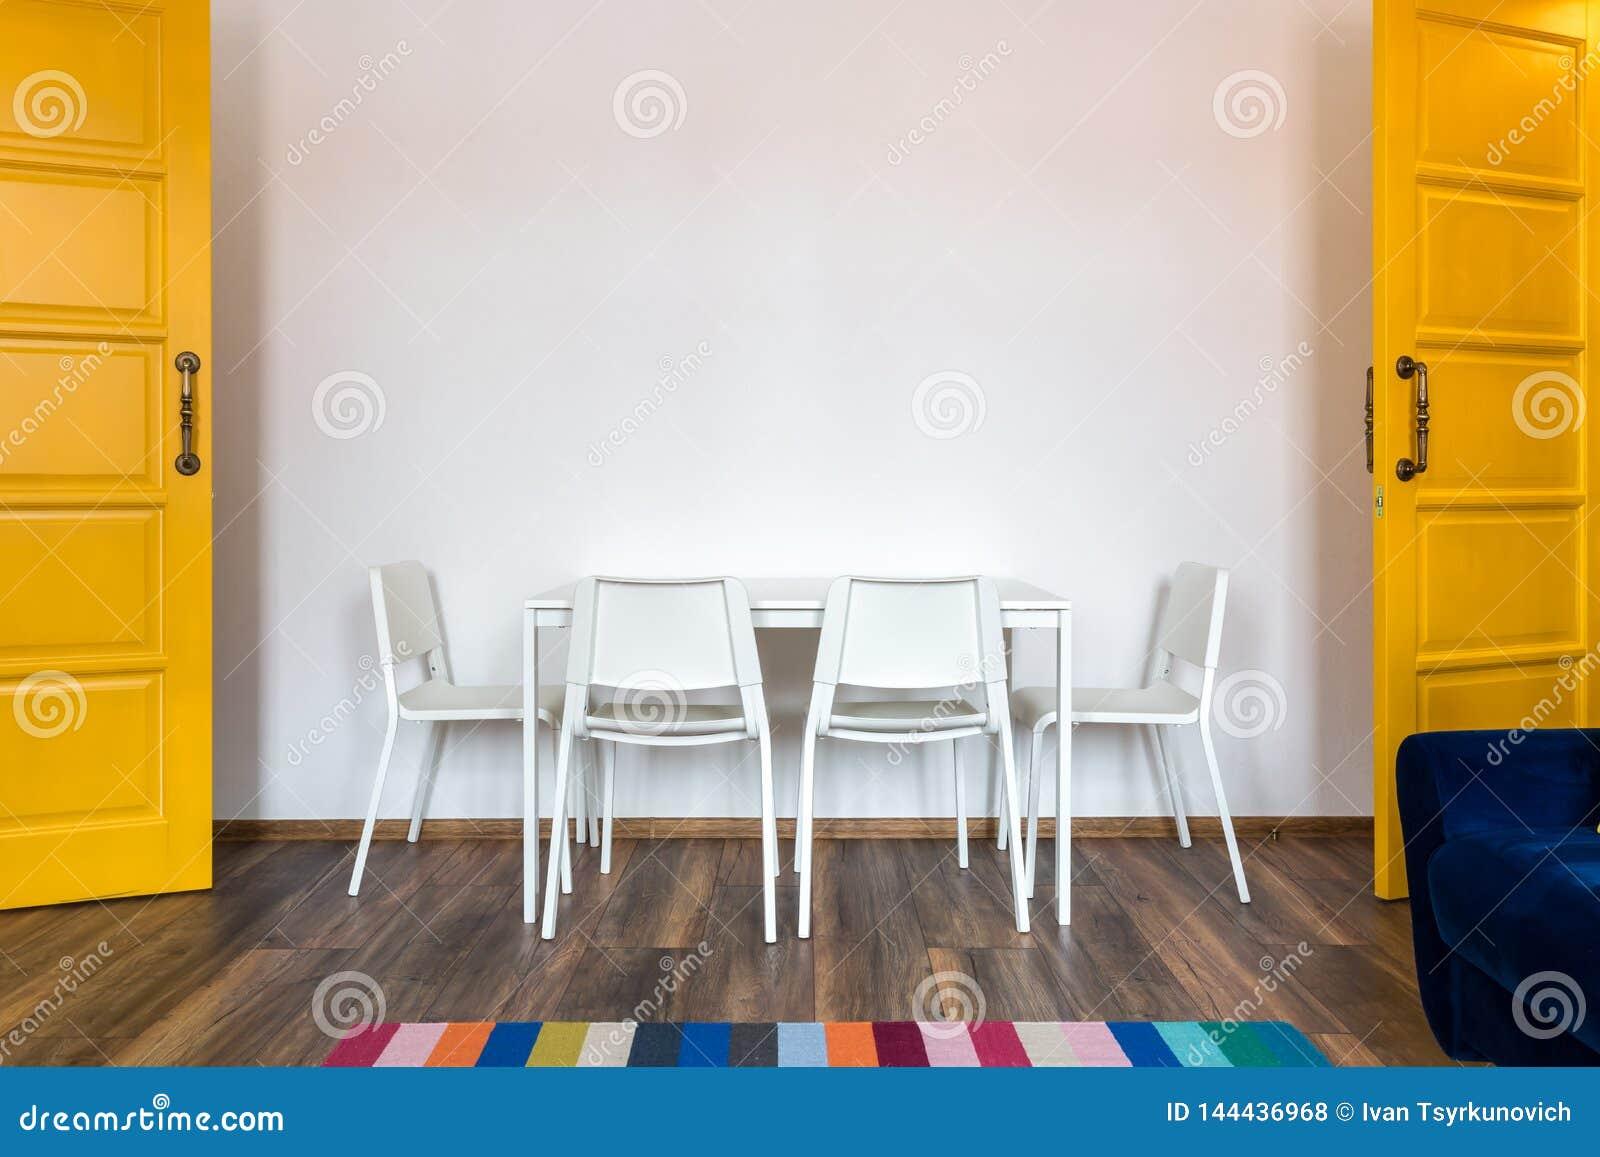 Белые деревянные стулья с таблицей на фоне белой стены в интерьере с желтыми дверями